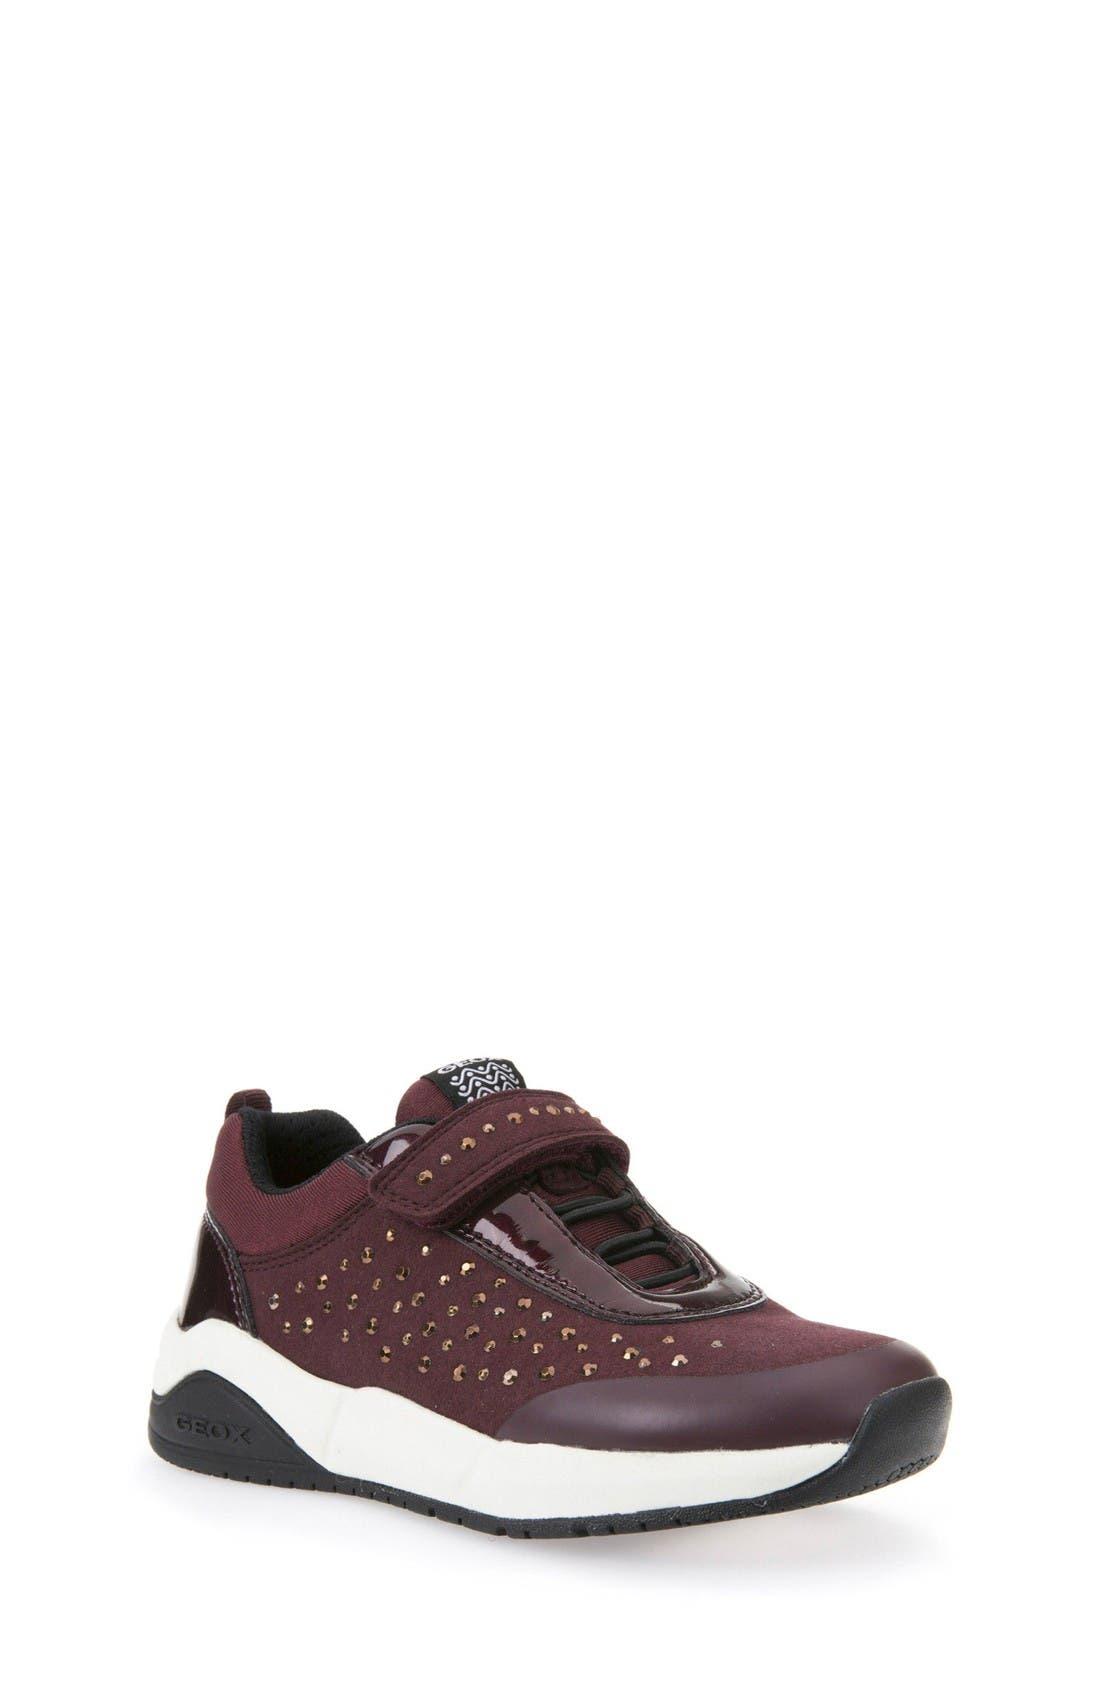 GEOX Hideaki Studded Sneaker